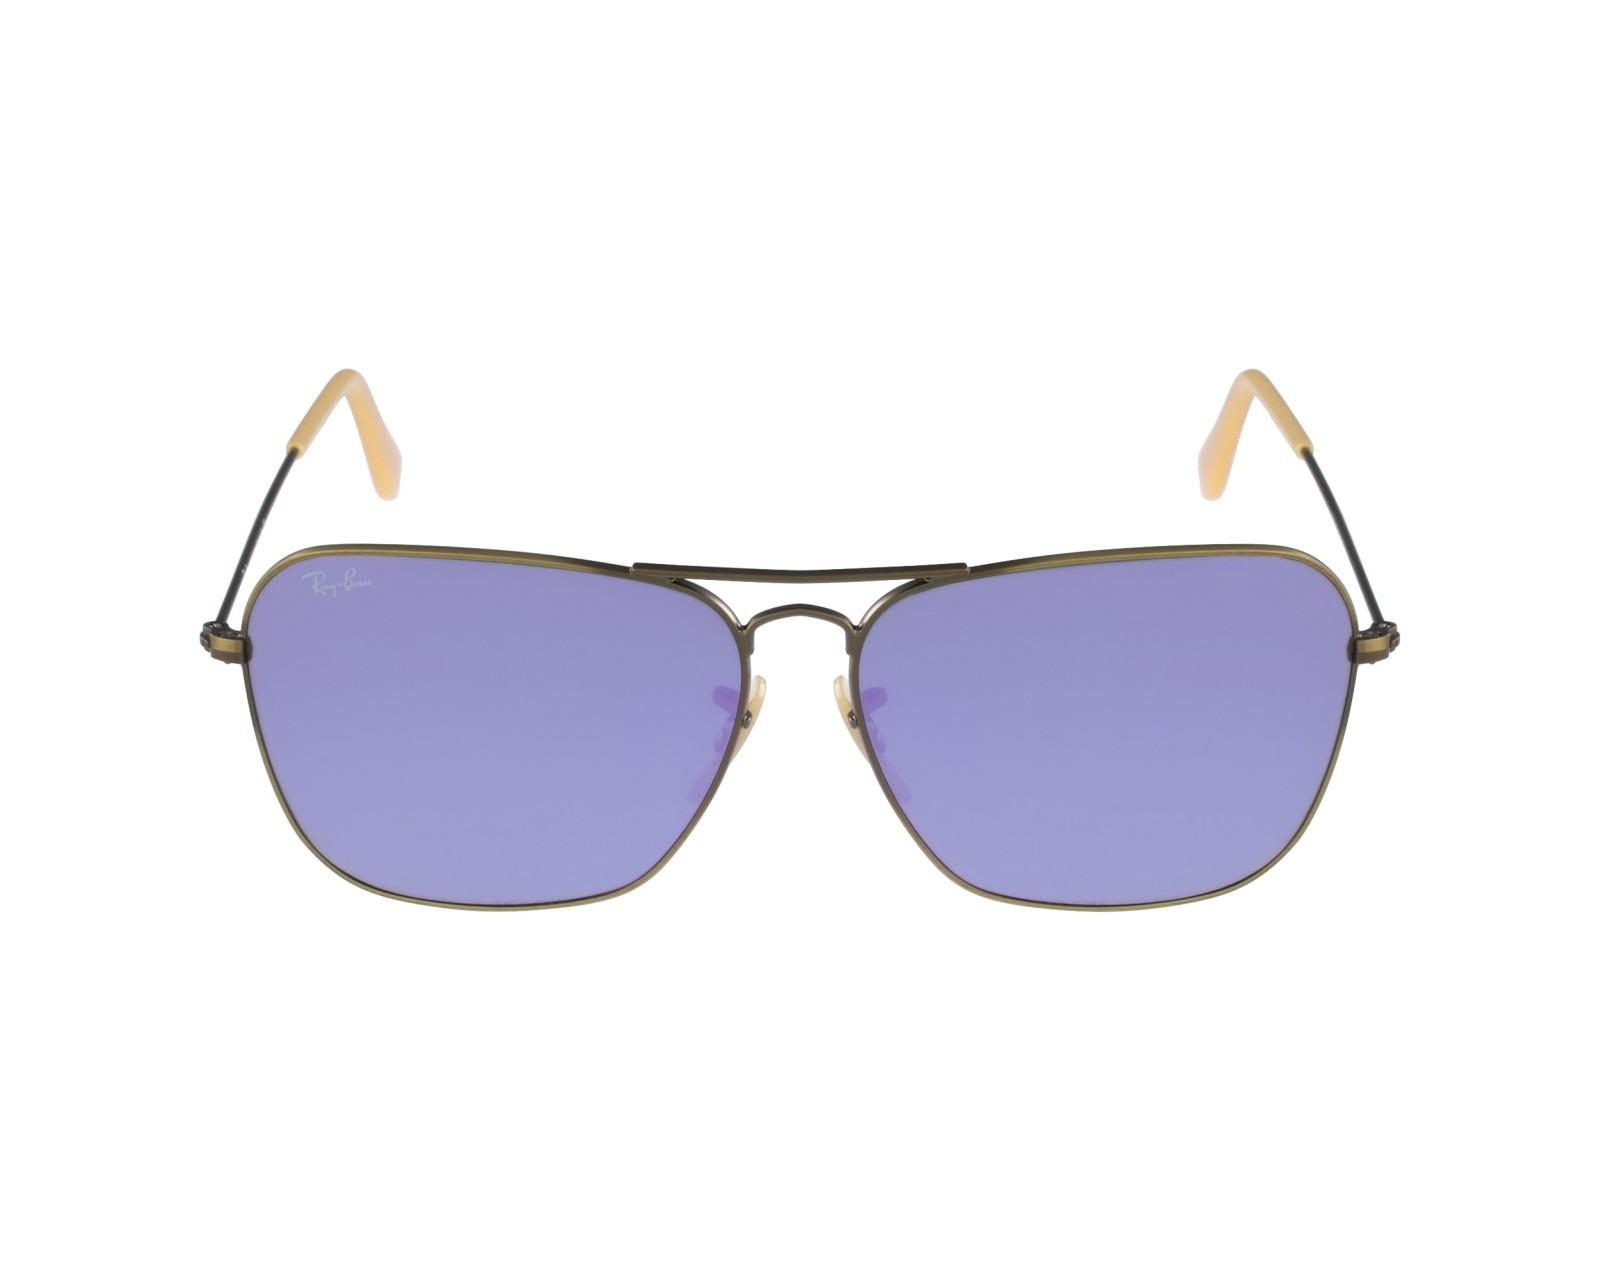 lunettes de soleil caravan de ban en rb 3136 167 4k